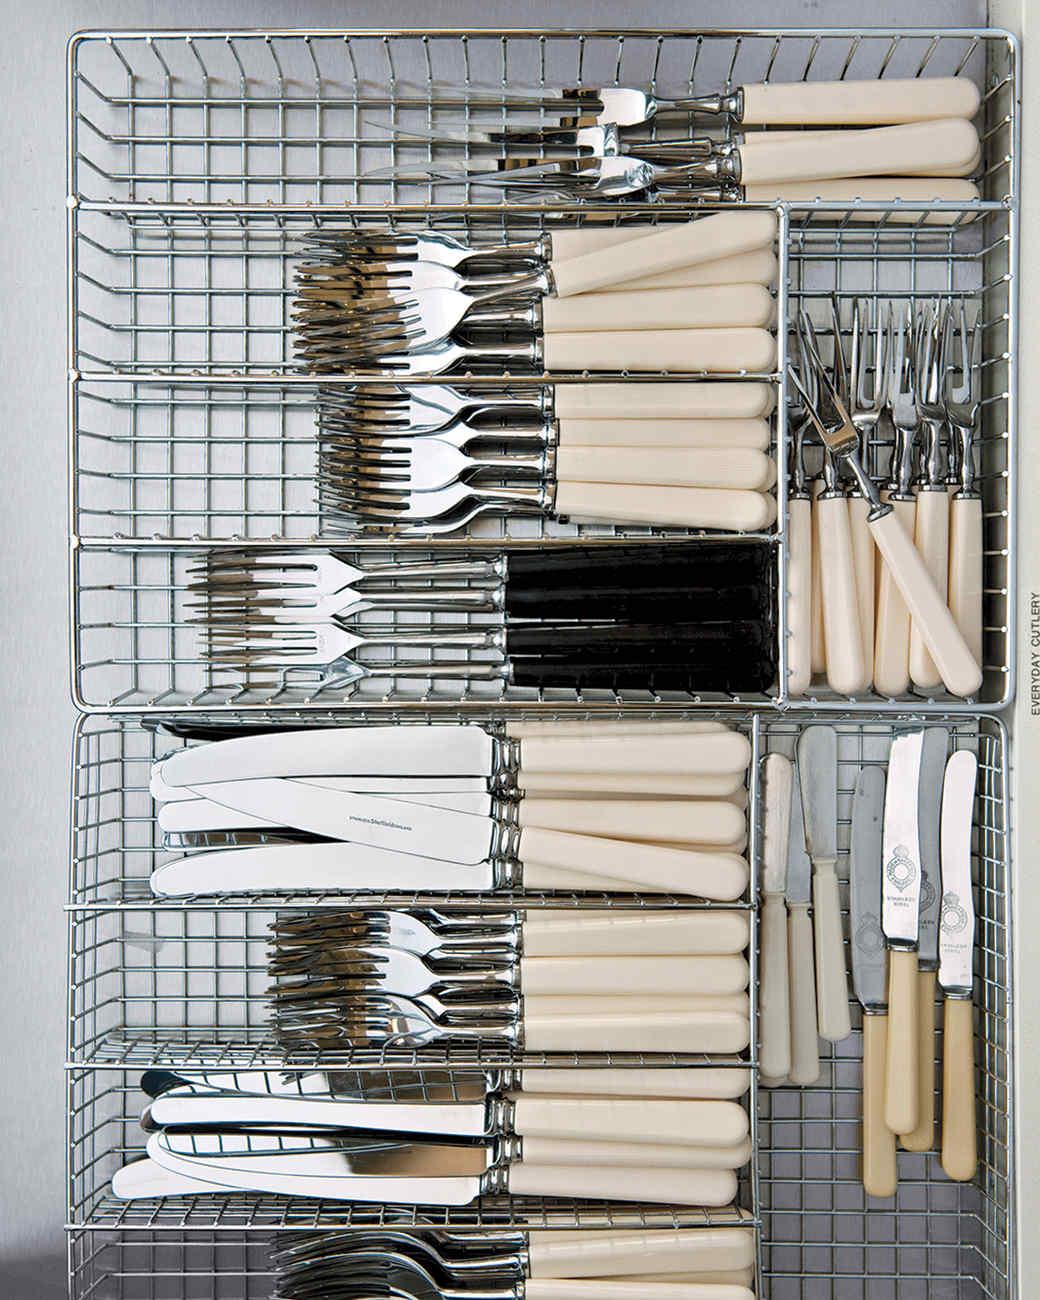 cutlery-md106031.jpg